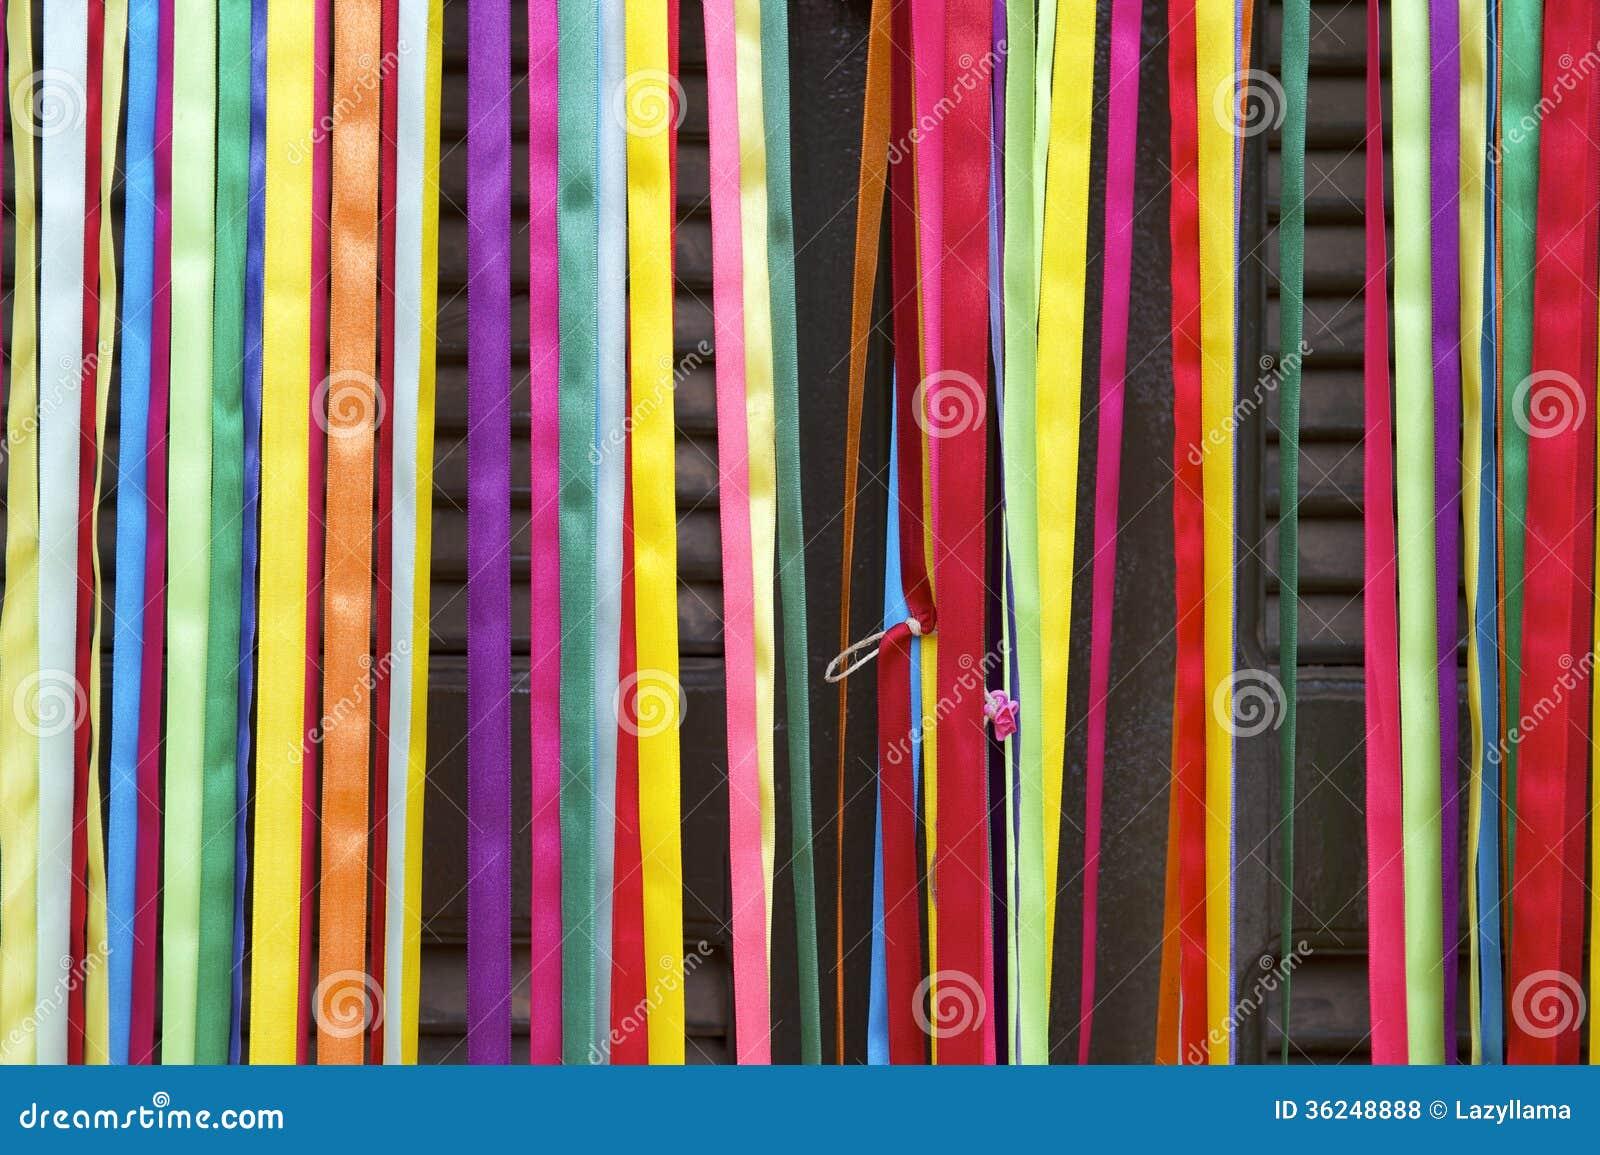 Puerta colorida del brasile o de las cintas del carnaval - Como hacer cortinas de tiras ...